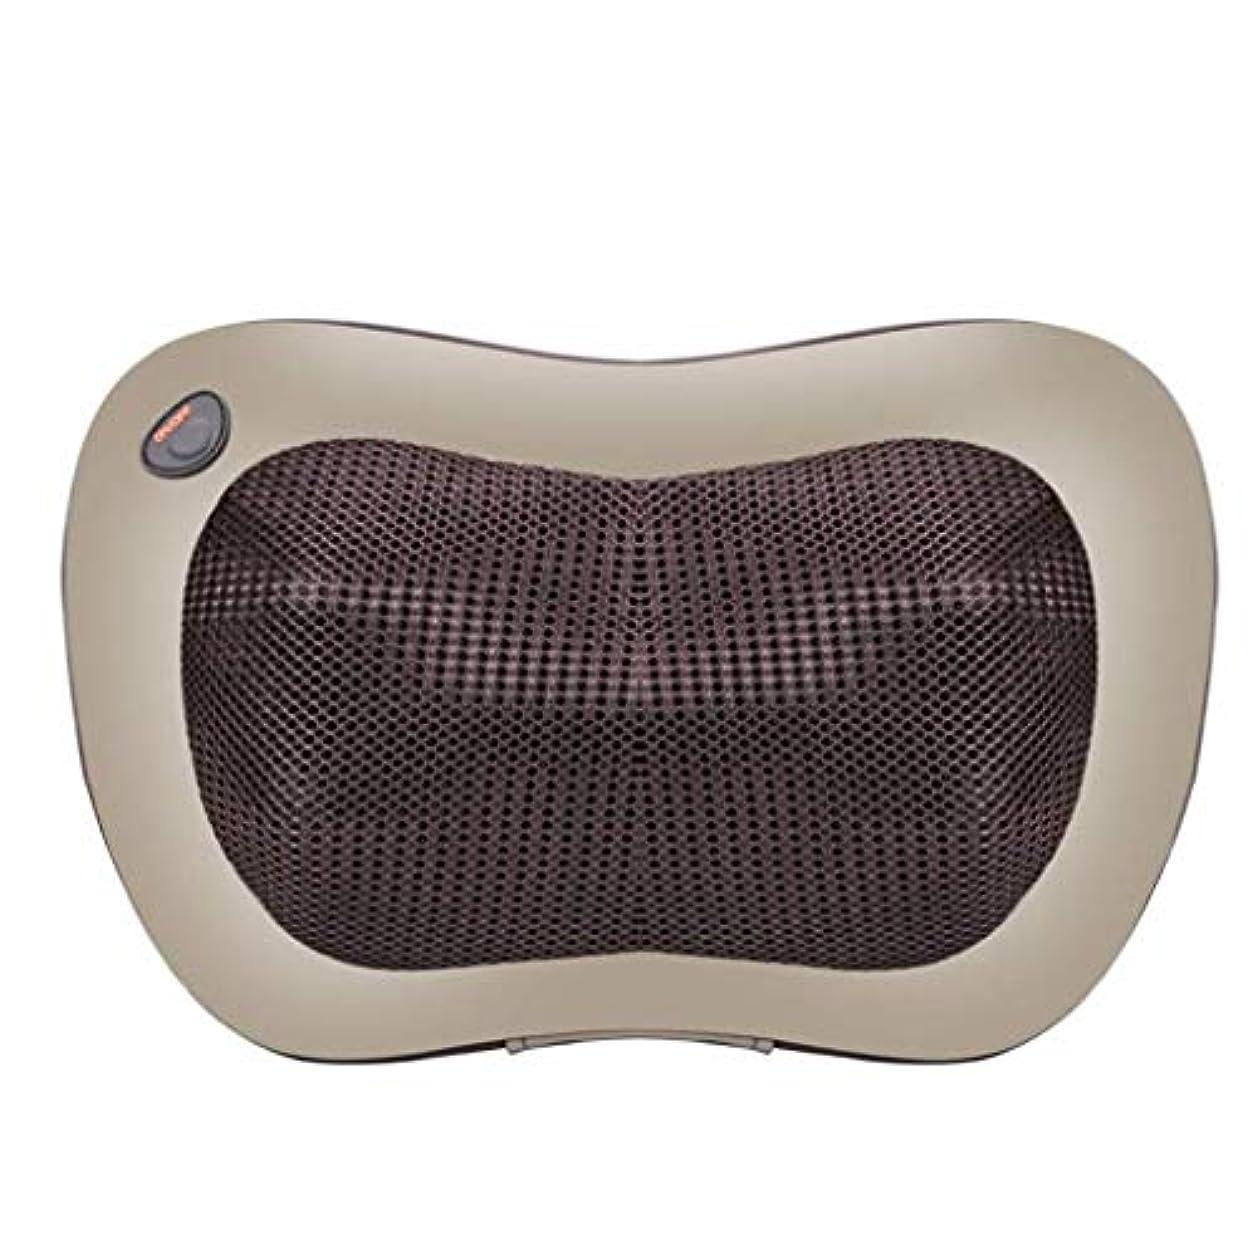 セマフォジャベスウィルソン理解電動マッサージ枕、指圧マッサージ首マッサージ-マッサージ枕、ホットショルダー、ウエスト、脚、足を混練-ホームオフィスや車で使用して筋肉痛を和らげます